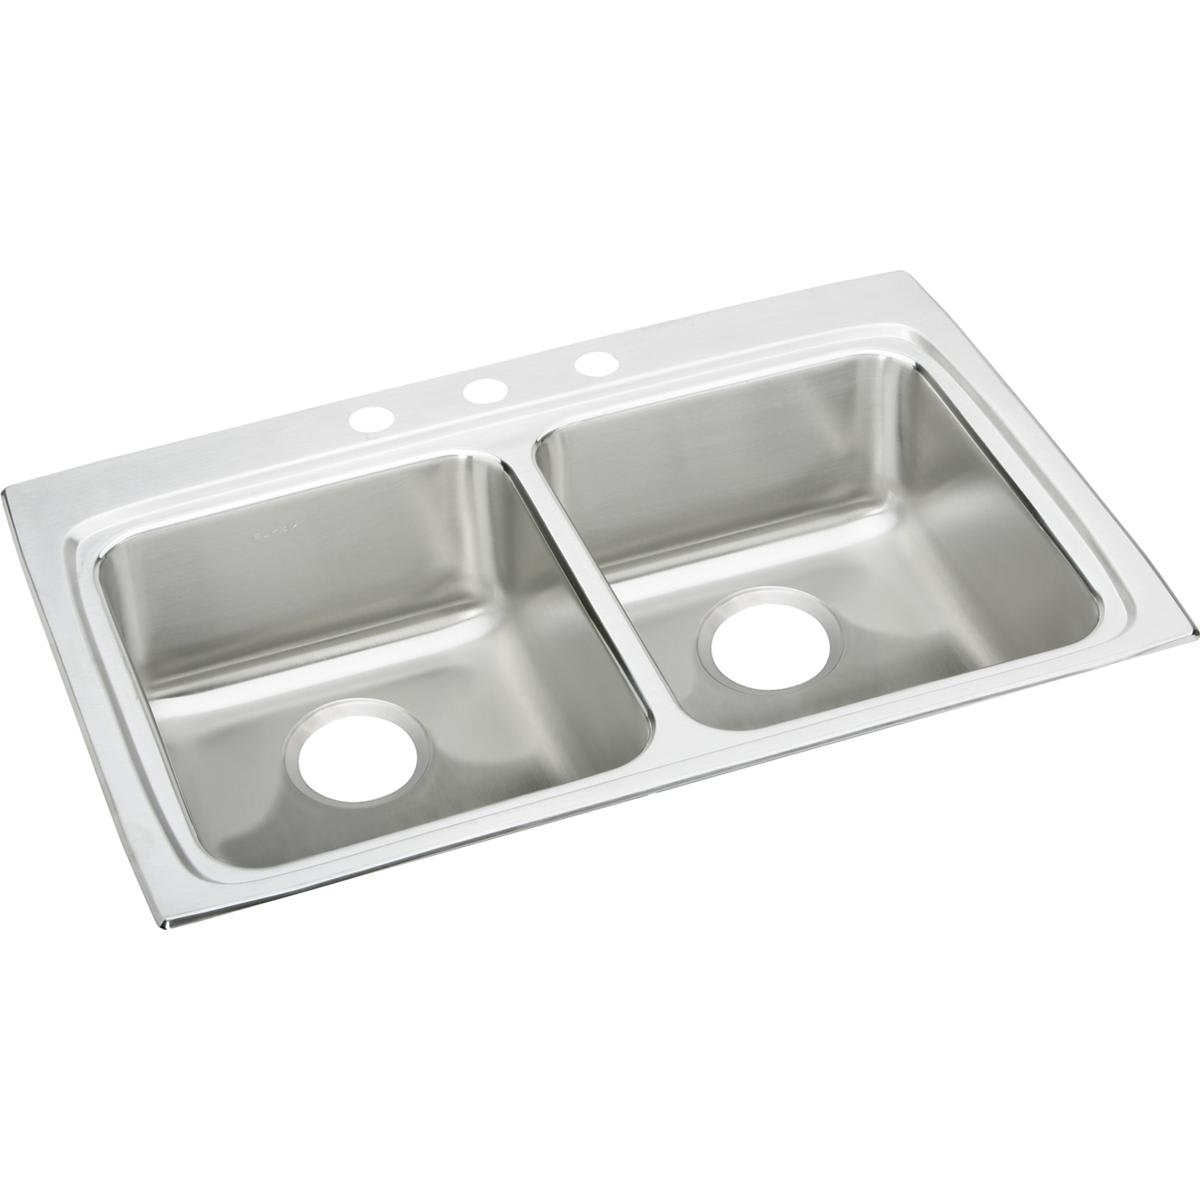 Elkay LRAD332250MR2 Sink Stainless Steel